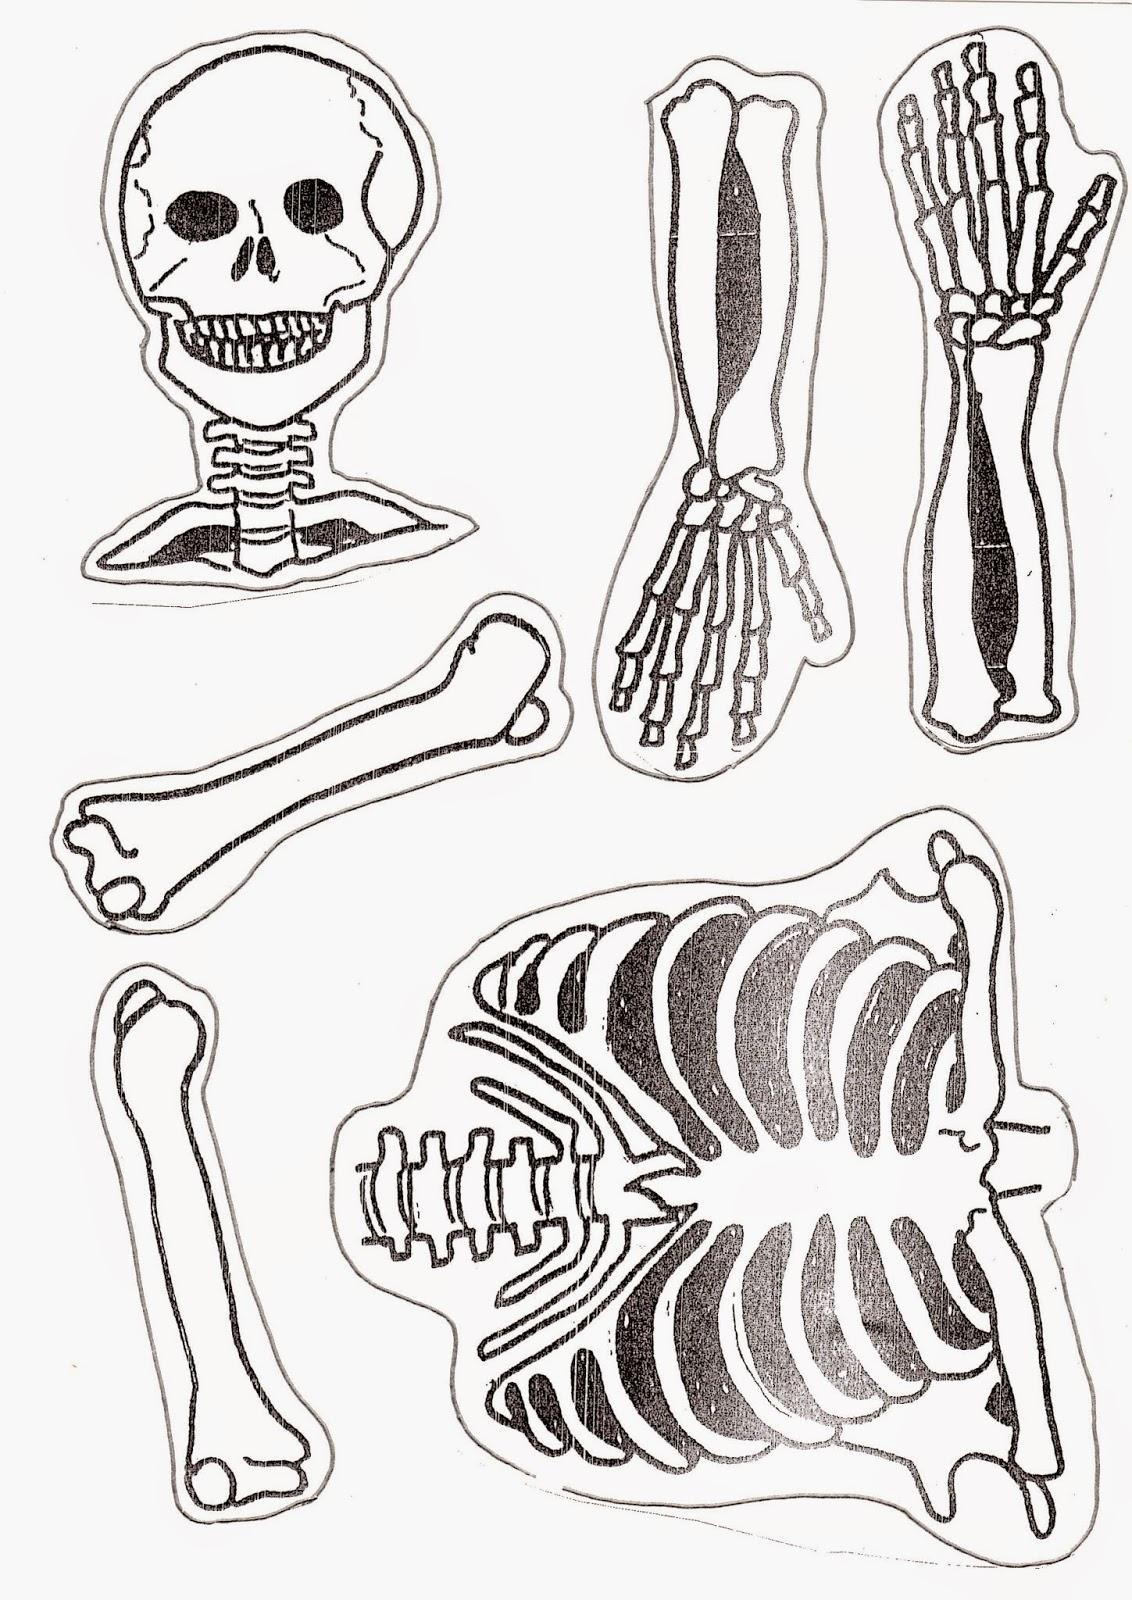 1er CICLO DE PRIMARIA: NICO, el esqueleto